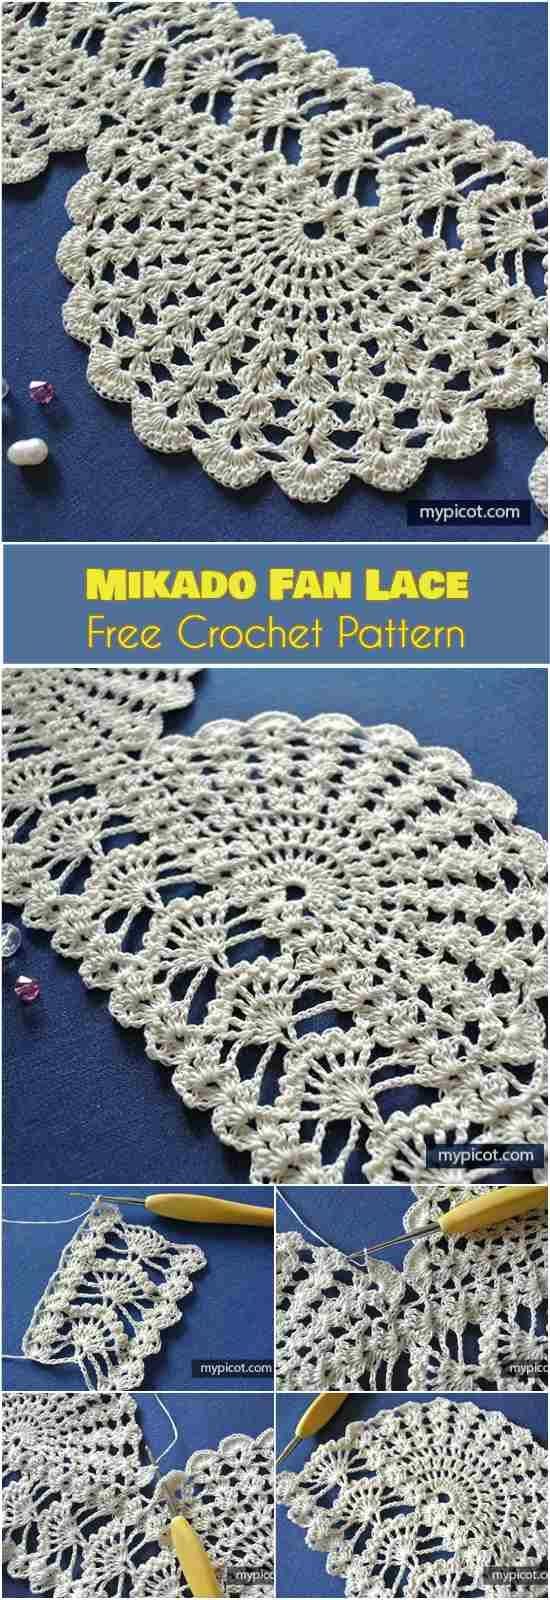 Mikado Fan Lace Free Crochet Pattern | Häkeln, Handarbeiten und ...